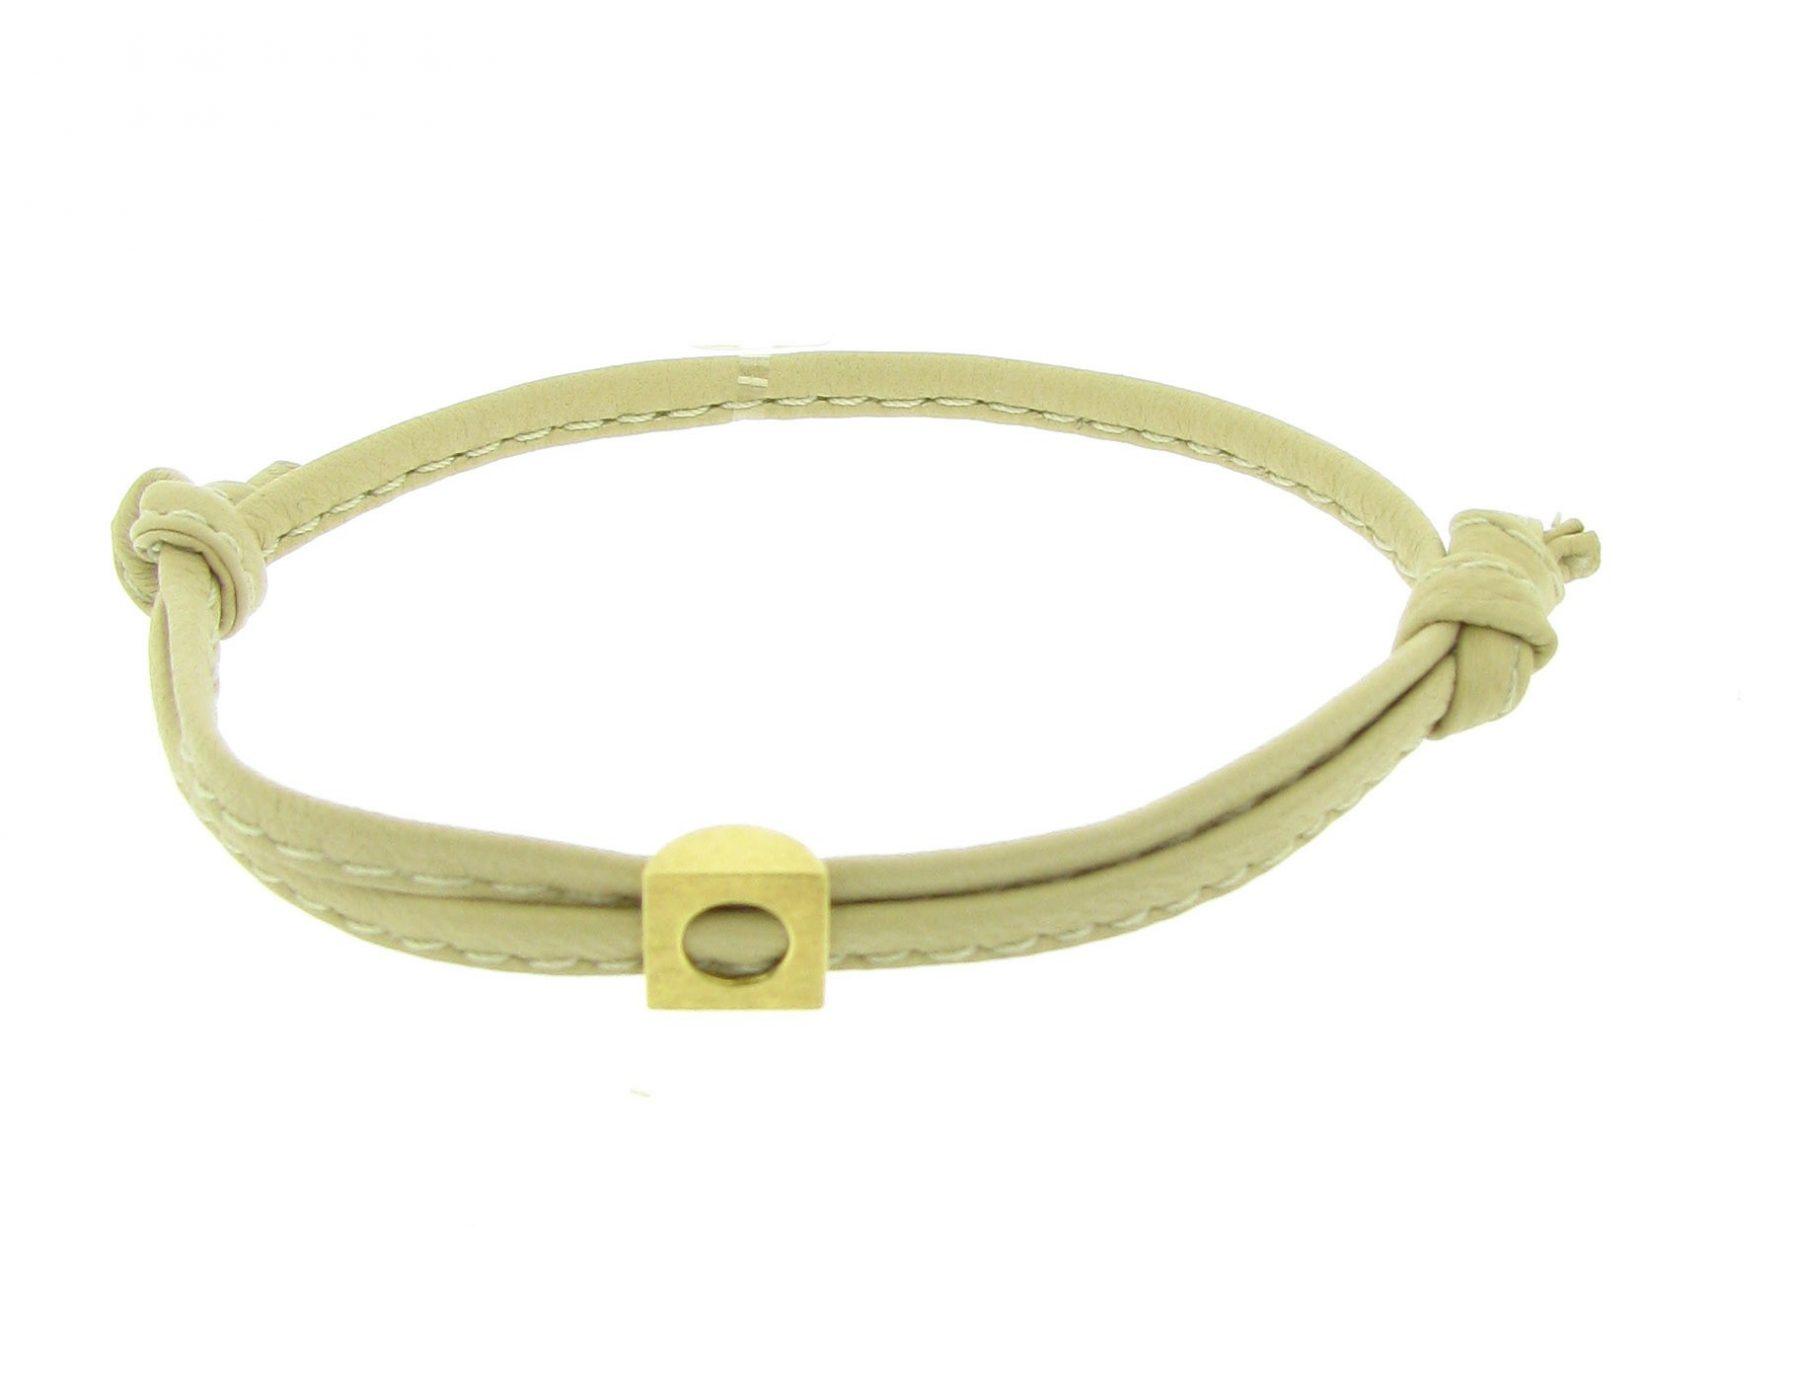 Armband Leder 18ct Gelbgold - Individuelle Marken - 2001-760